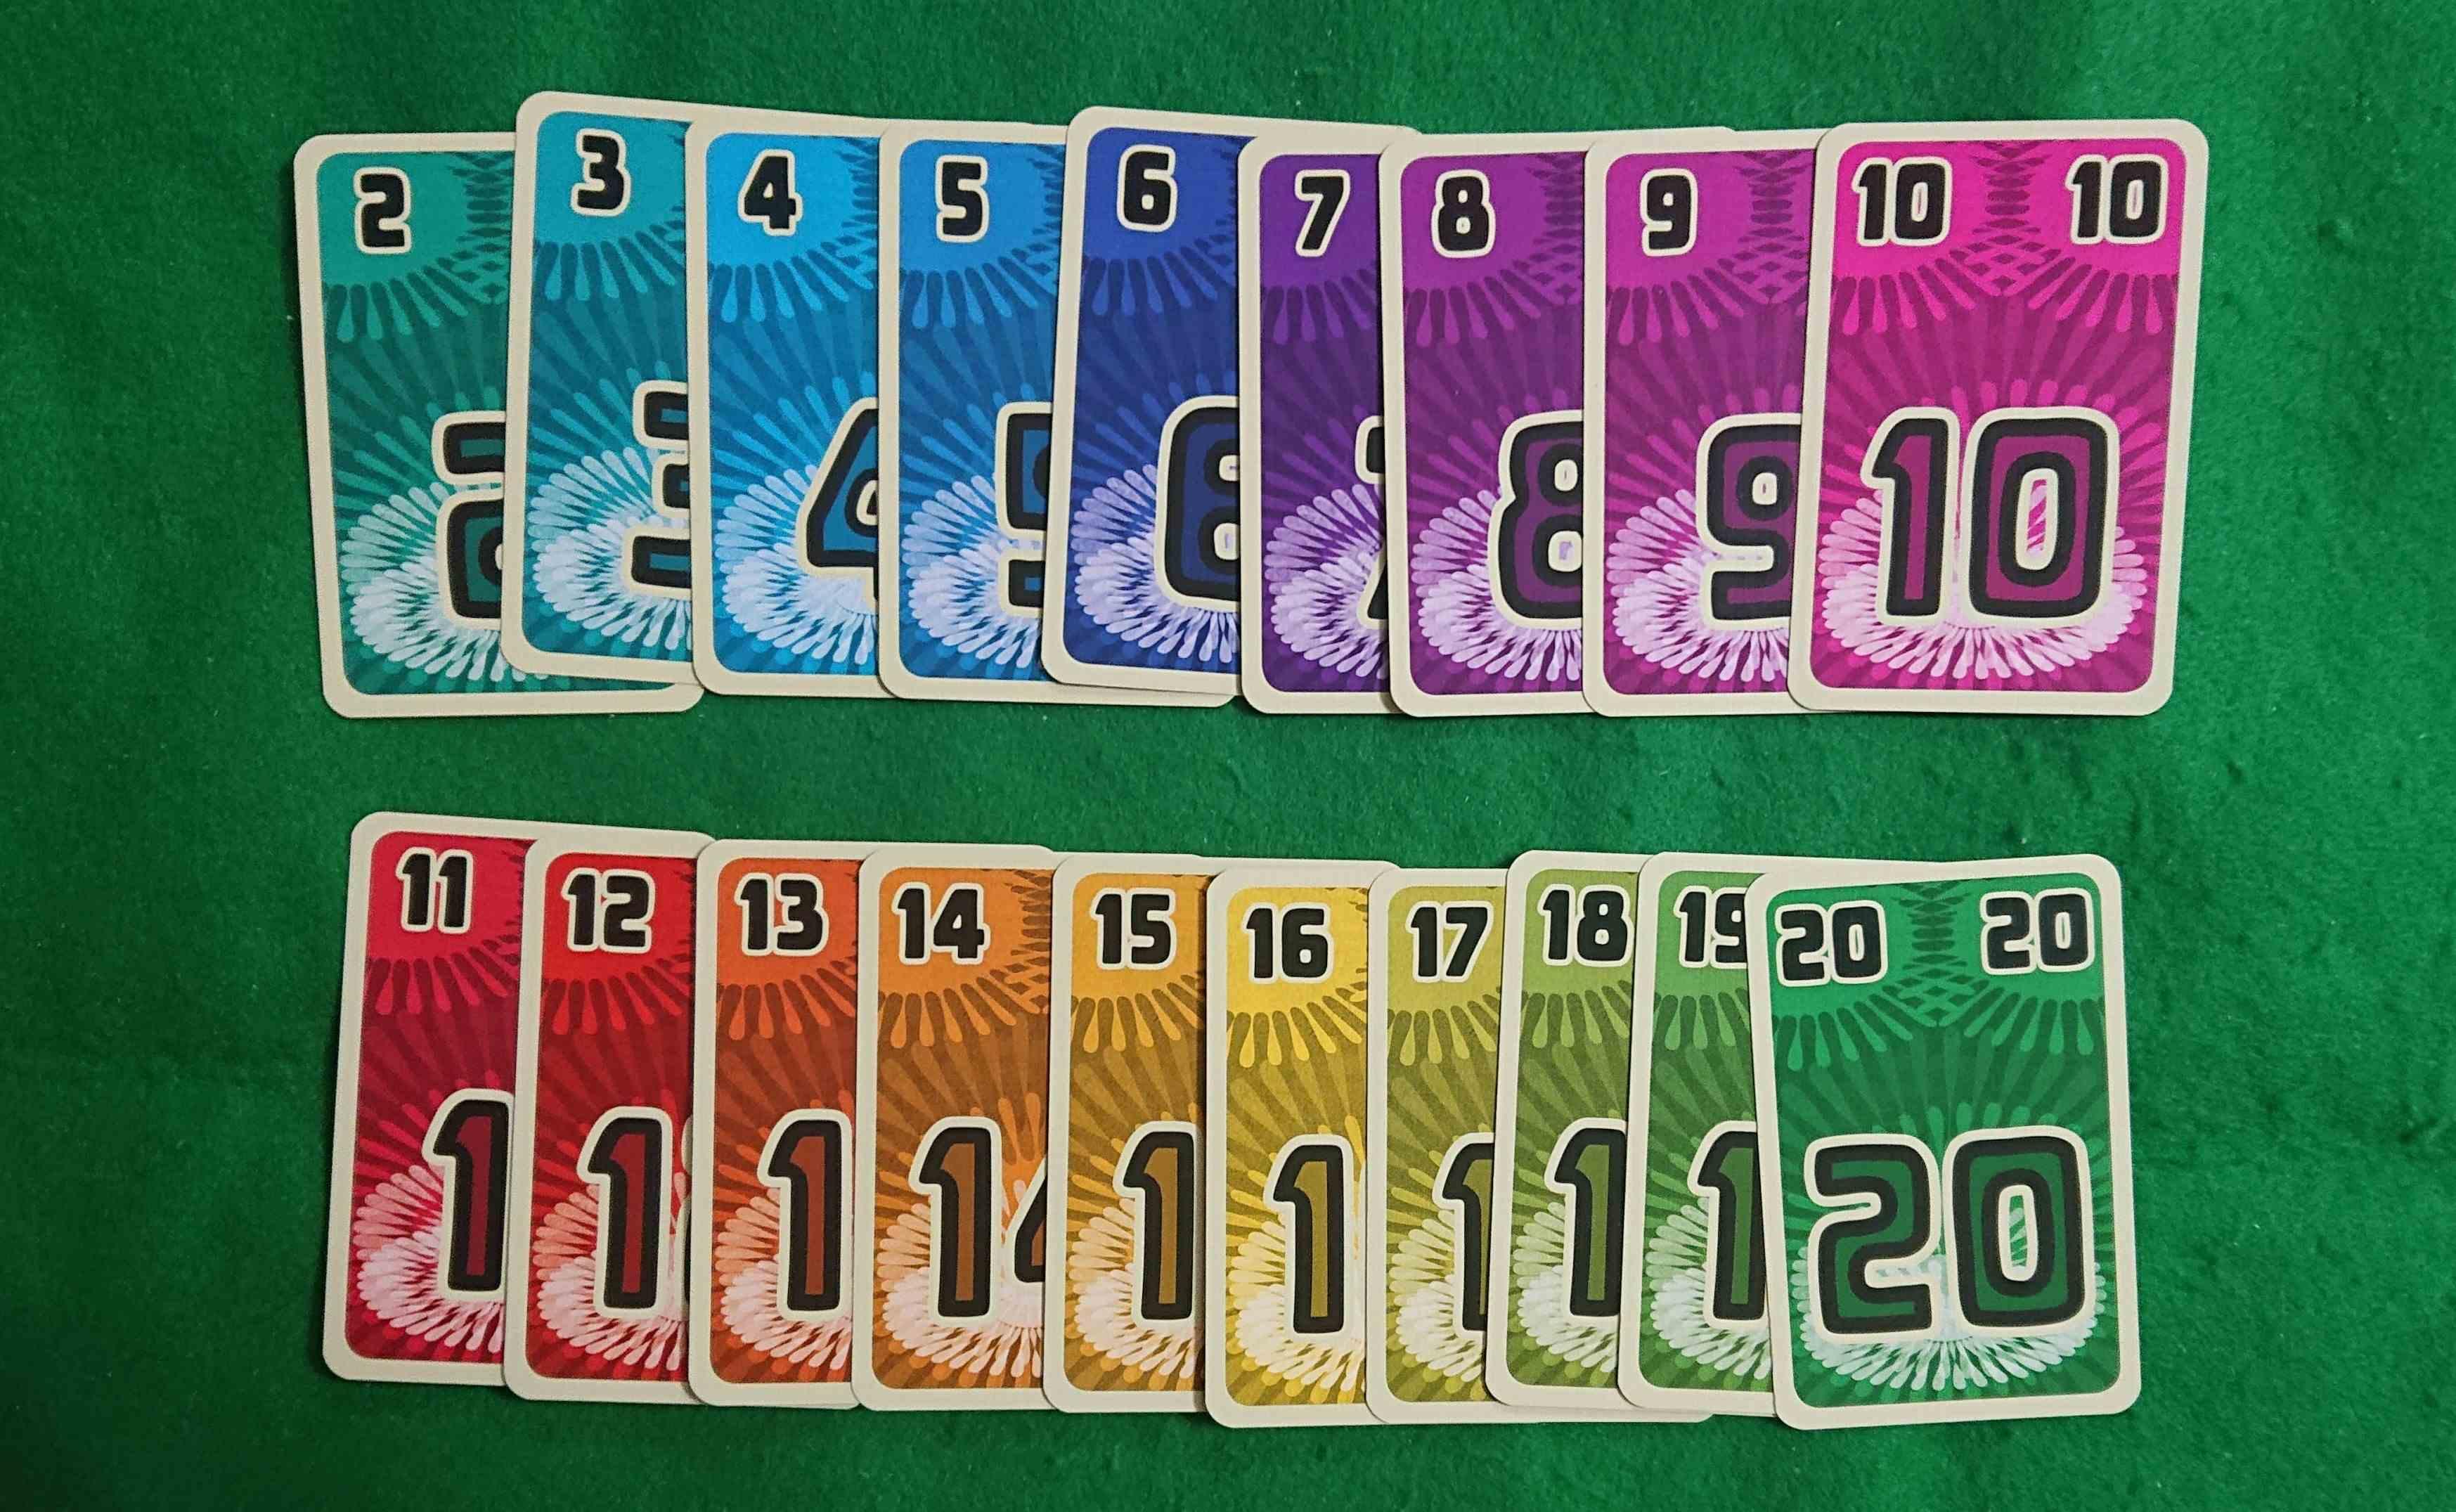 フッチカート 他人のカードを吹き飛ばそう! 初心者でも大人数でも楽しめる カードゲーム